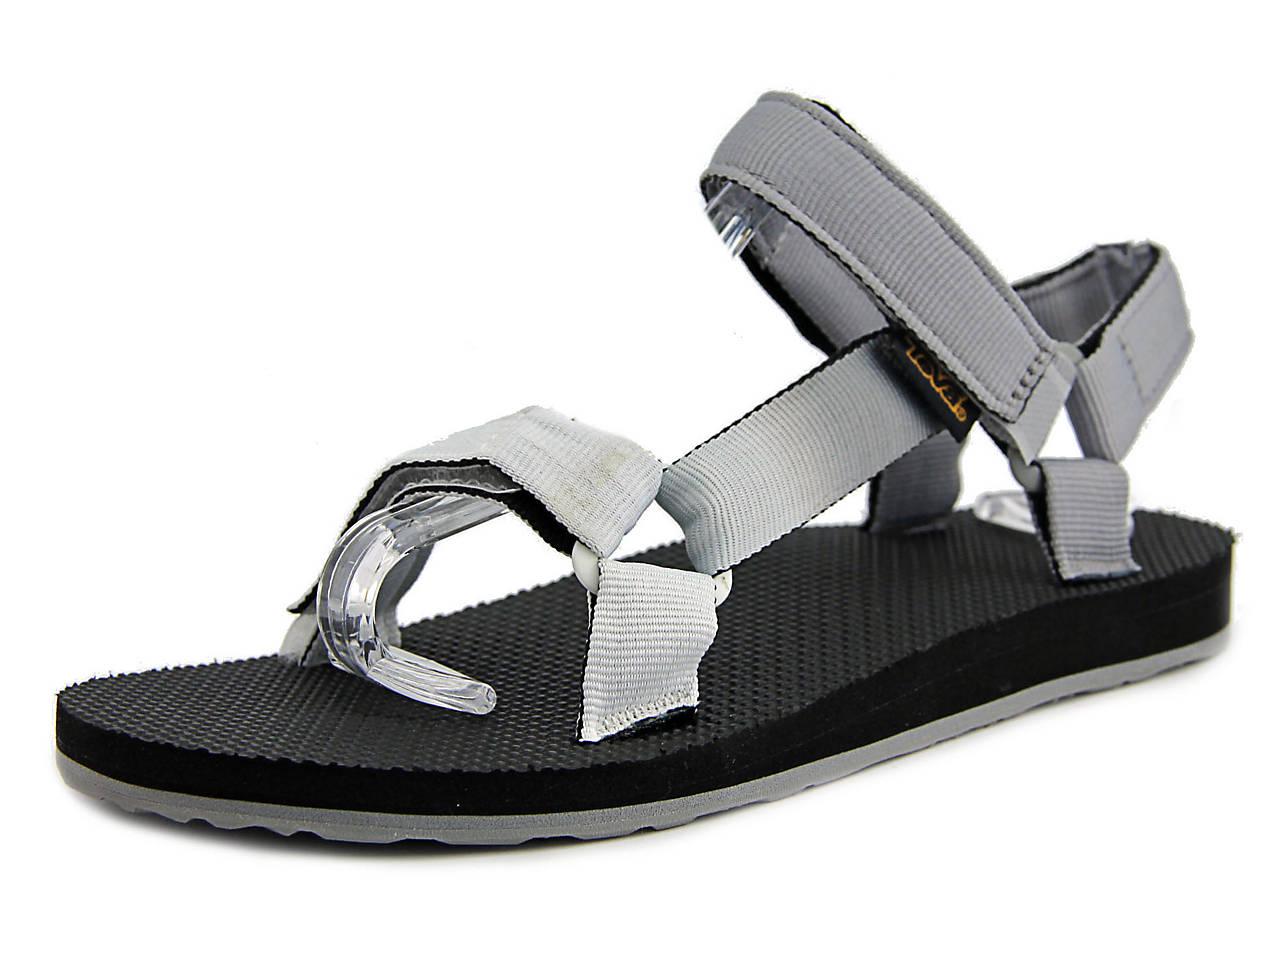 10d564c7d Teva Original Universal Gradient Sport Sandal - Final Sale Women s ...